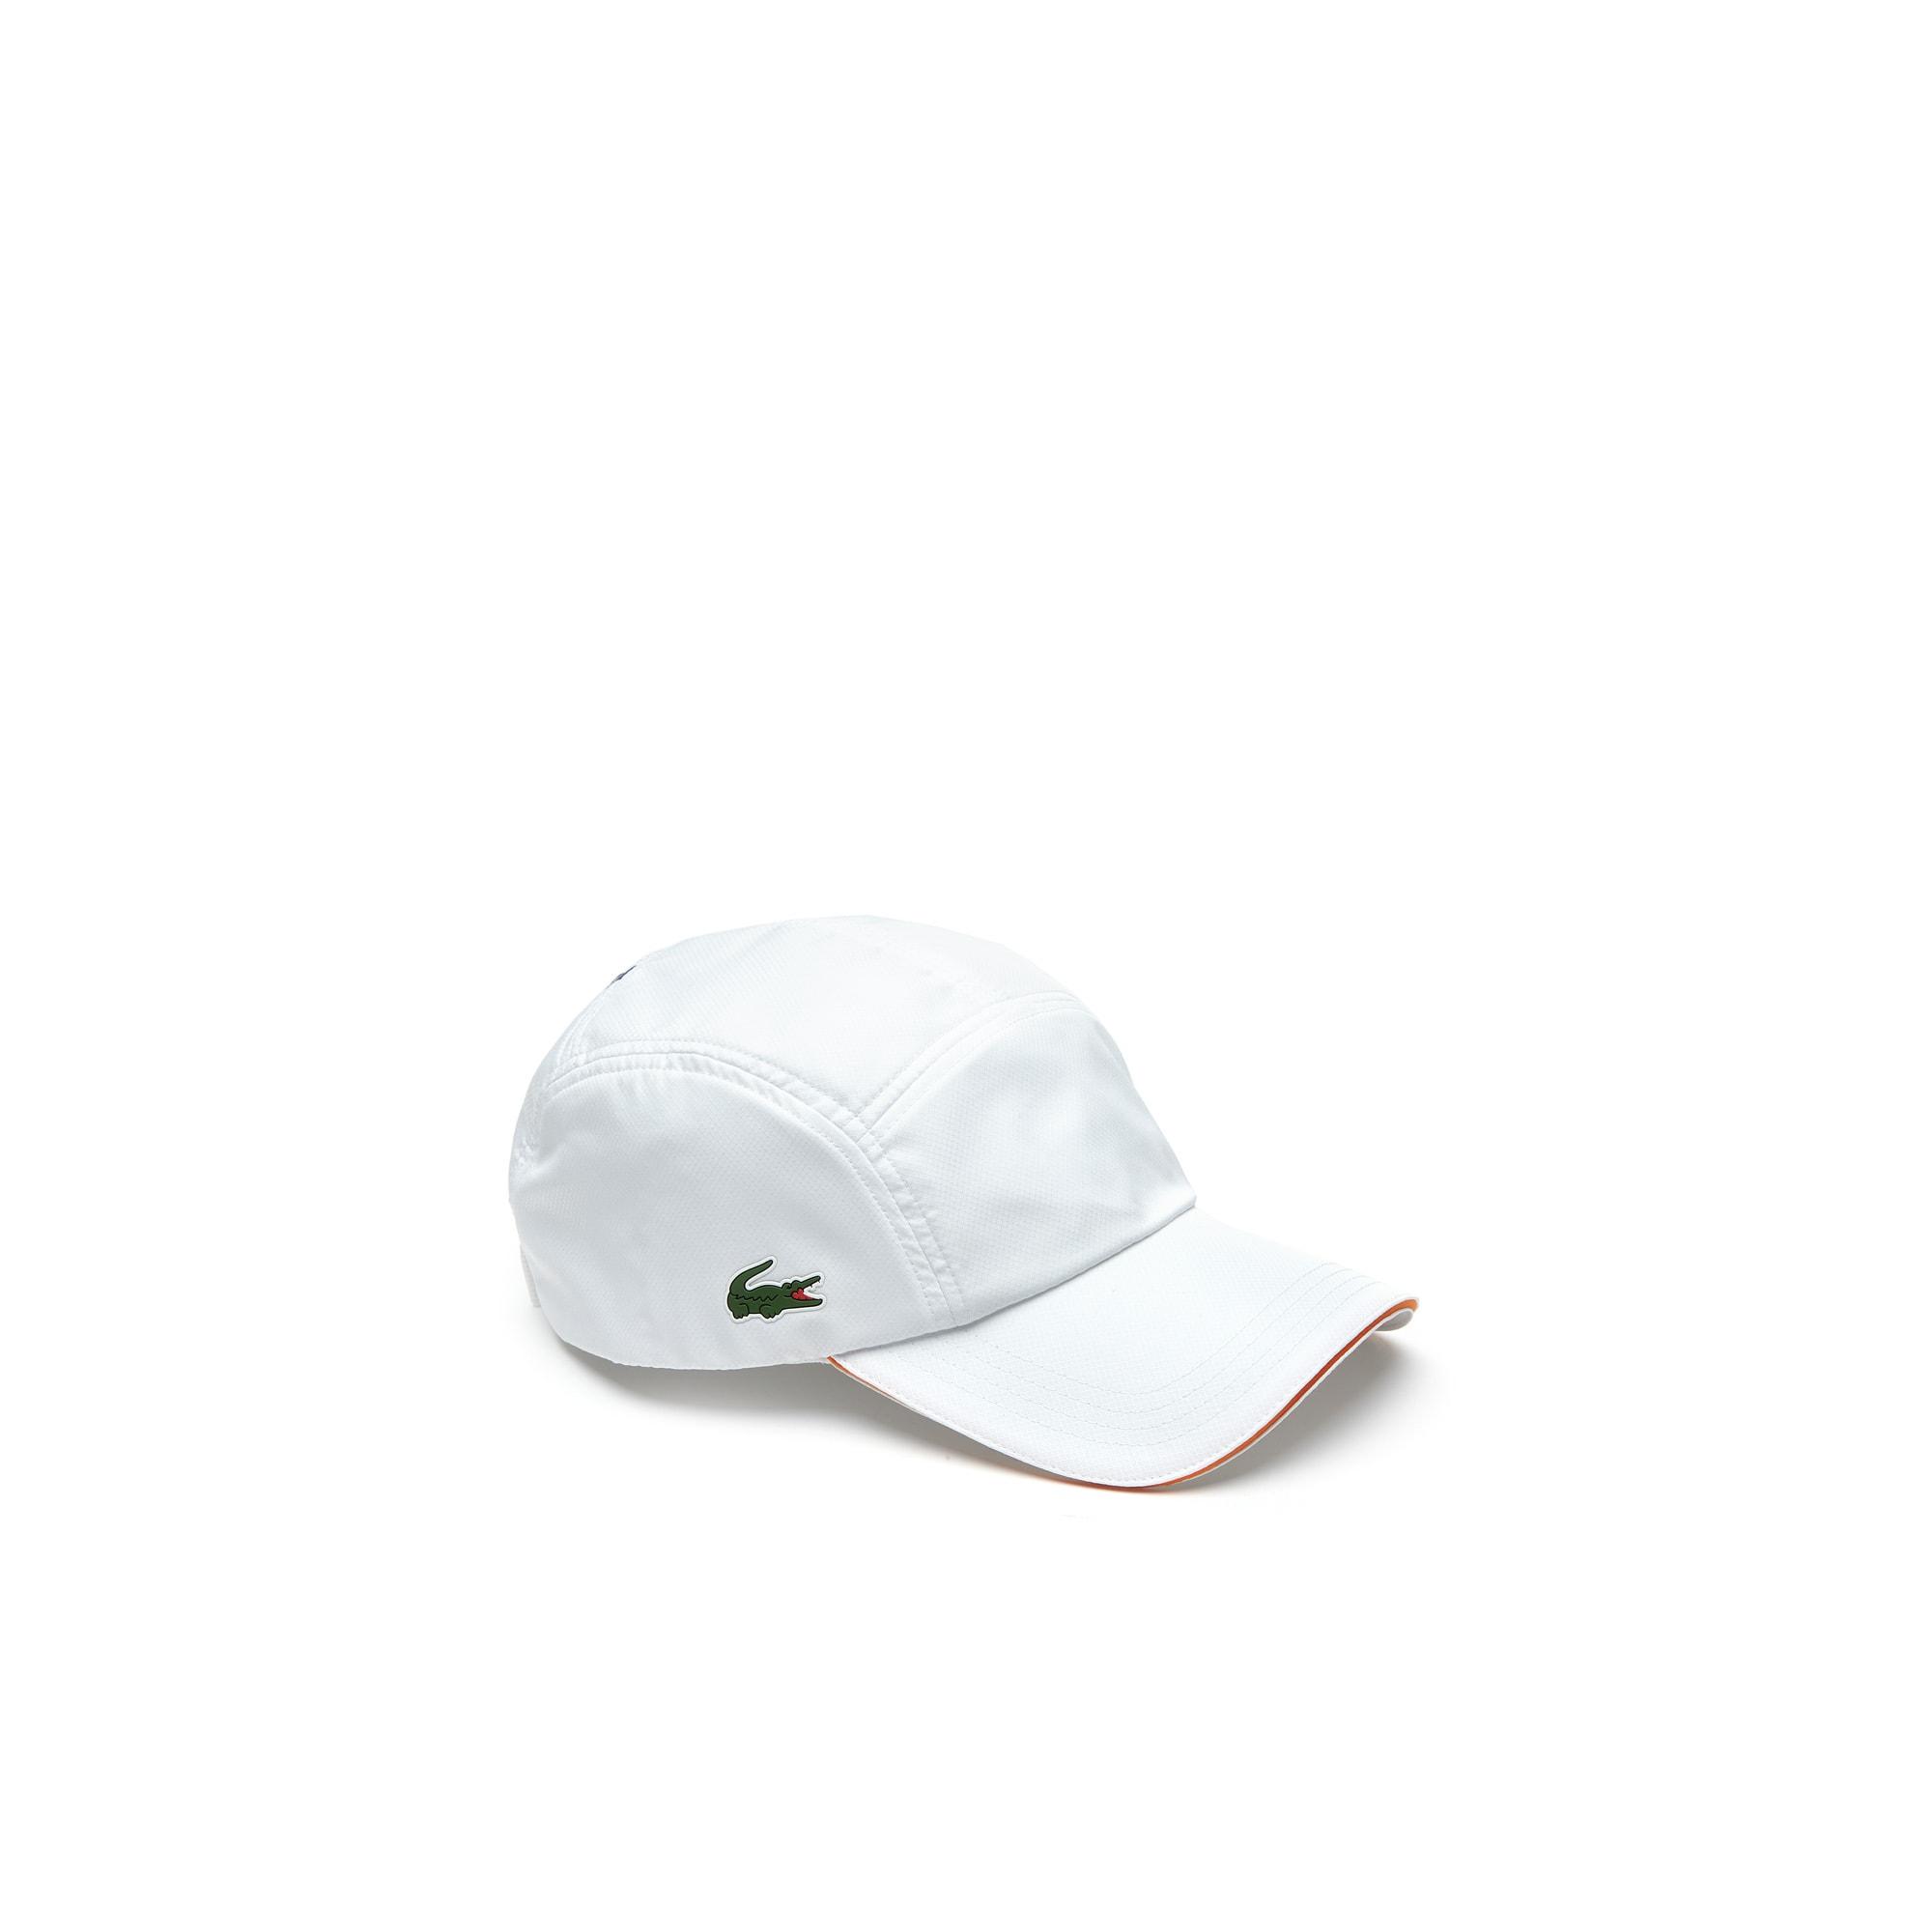 Lacoste SPORT Tennis-cap heren taf met paspels